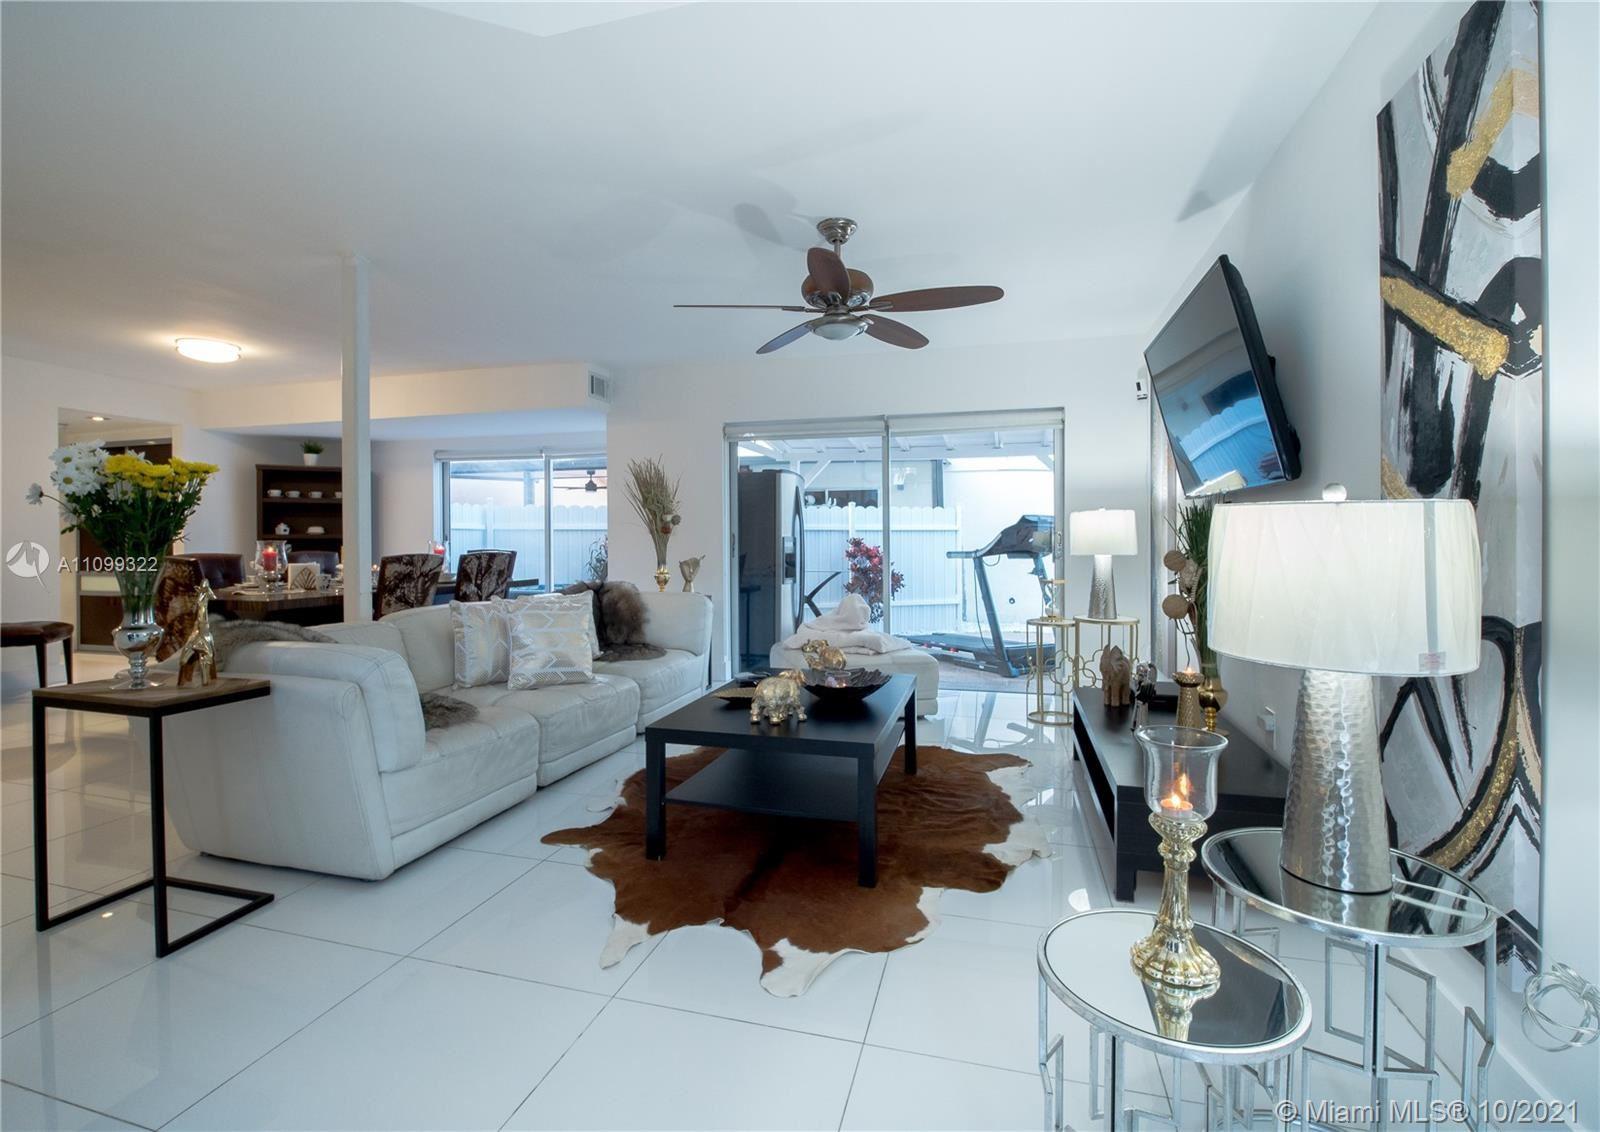 12677 NW 9th Ter, Miami, FL 33182 - #: A11099322